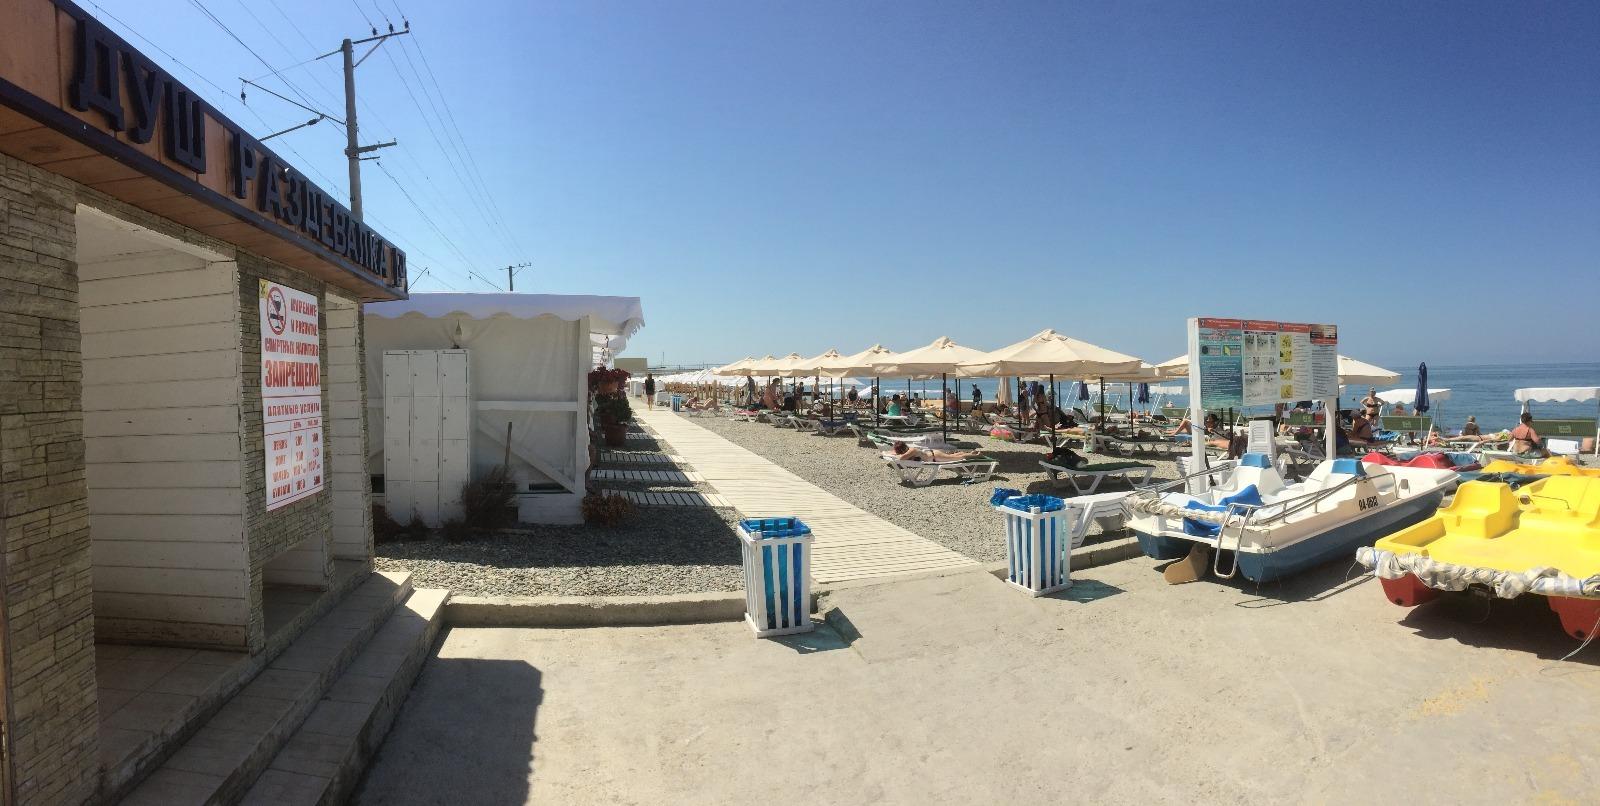 На пляже - шале с лежаками и розетками, навесы, зонты, водные горки для детей, лежаки